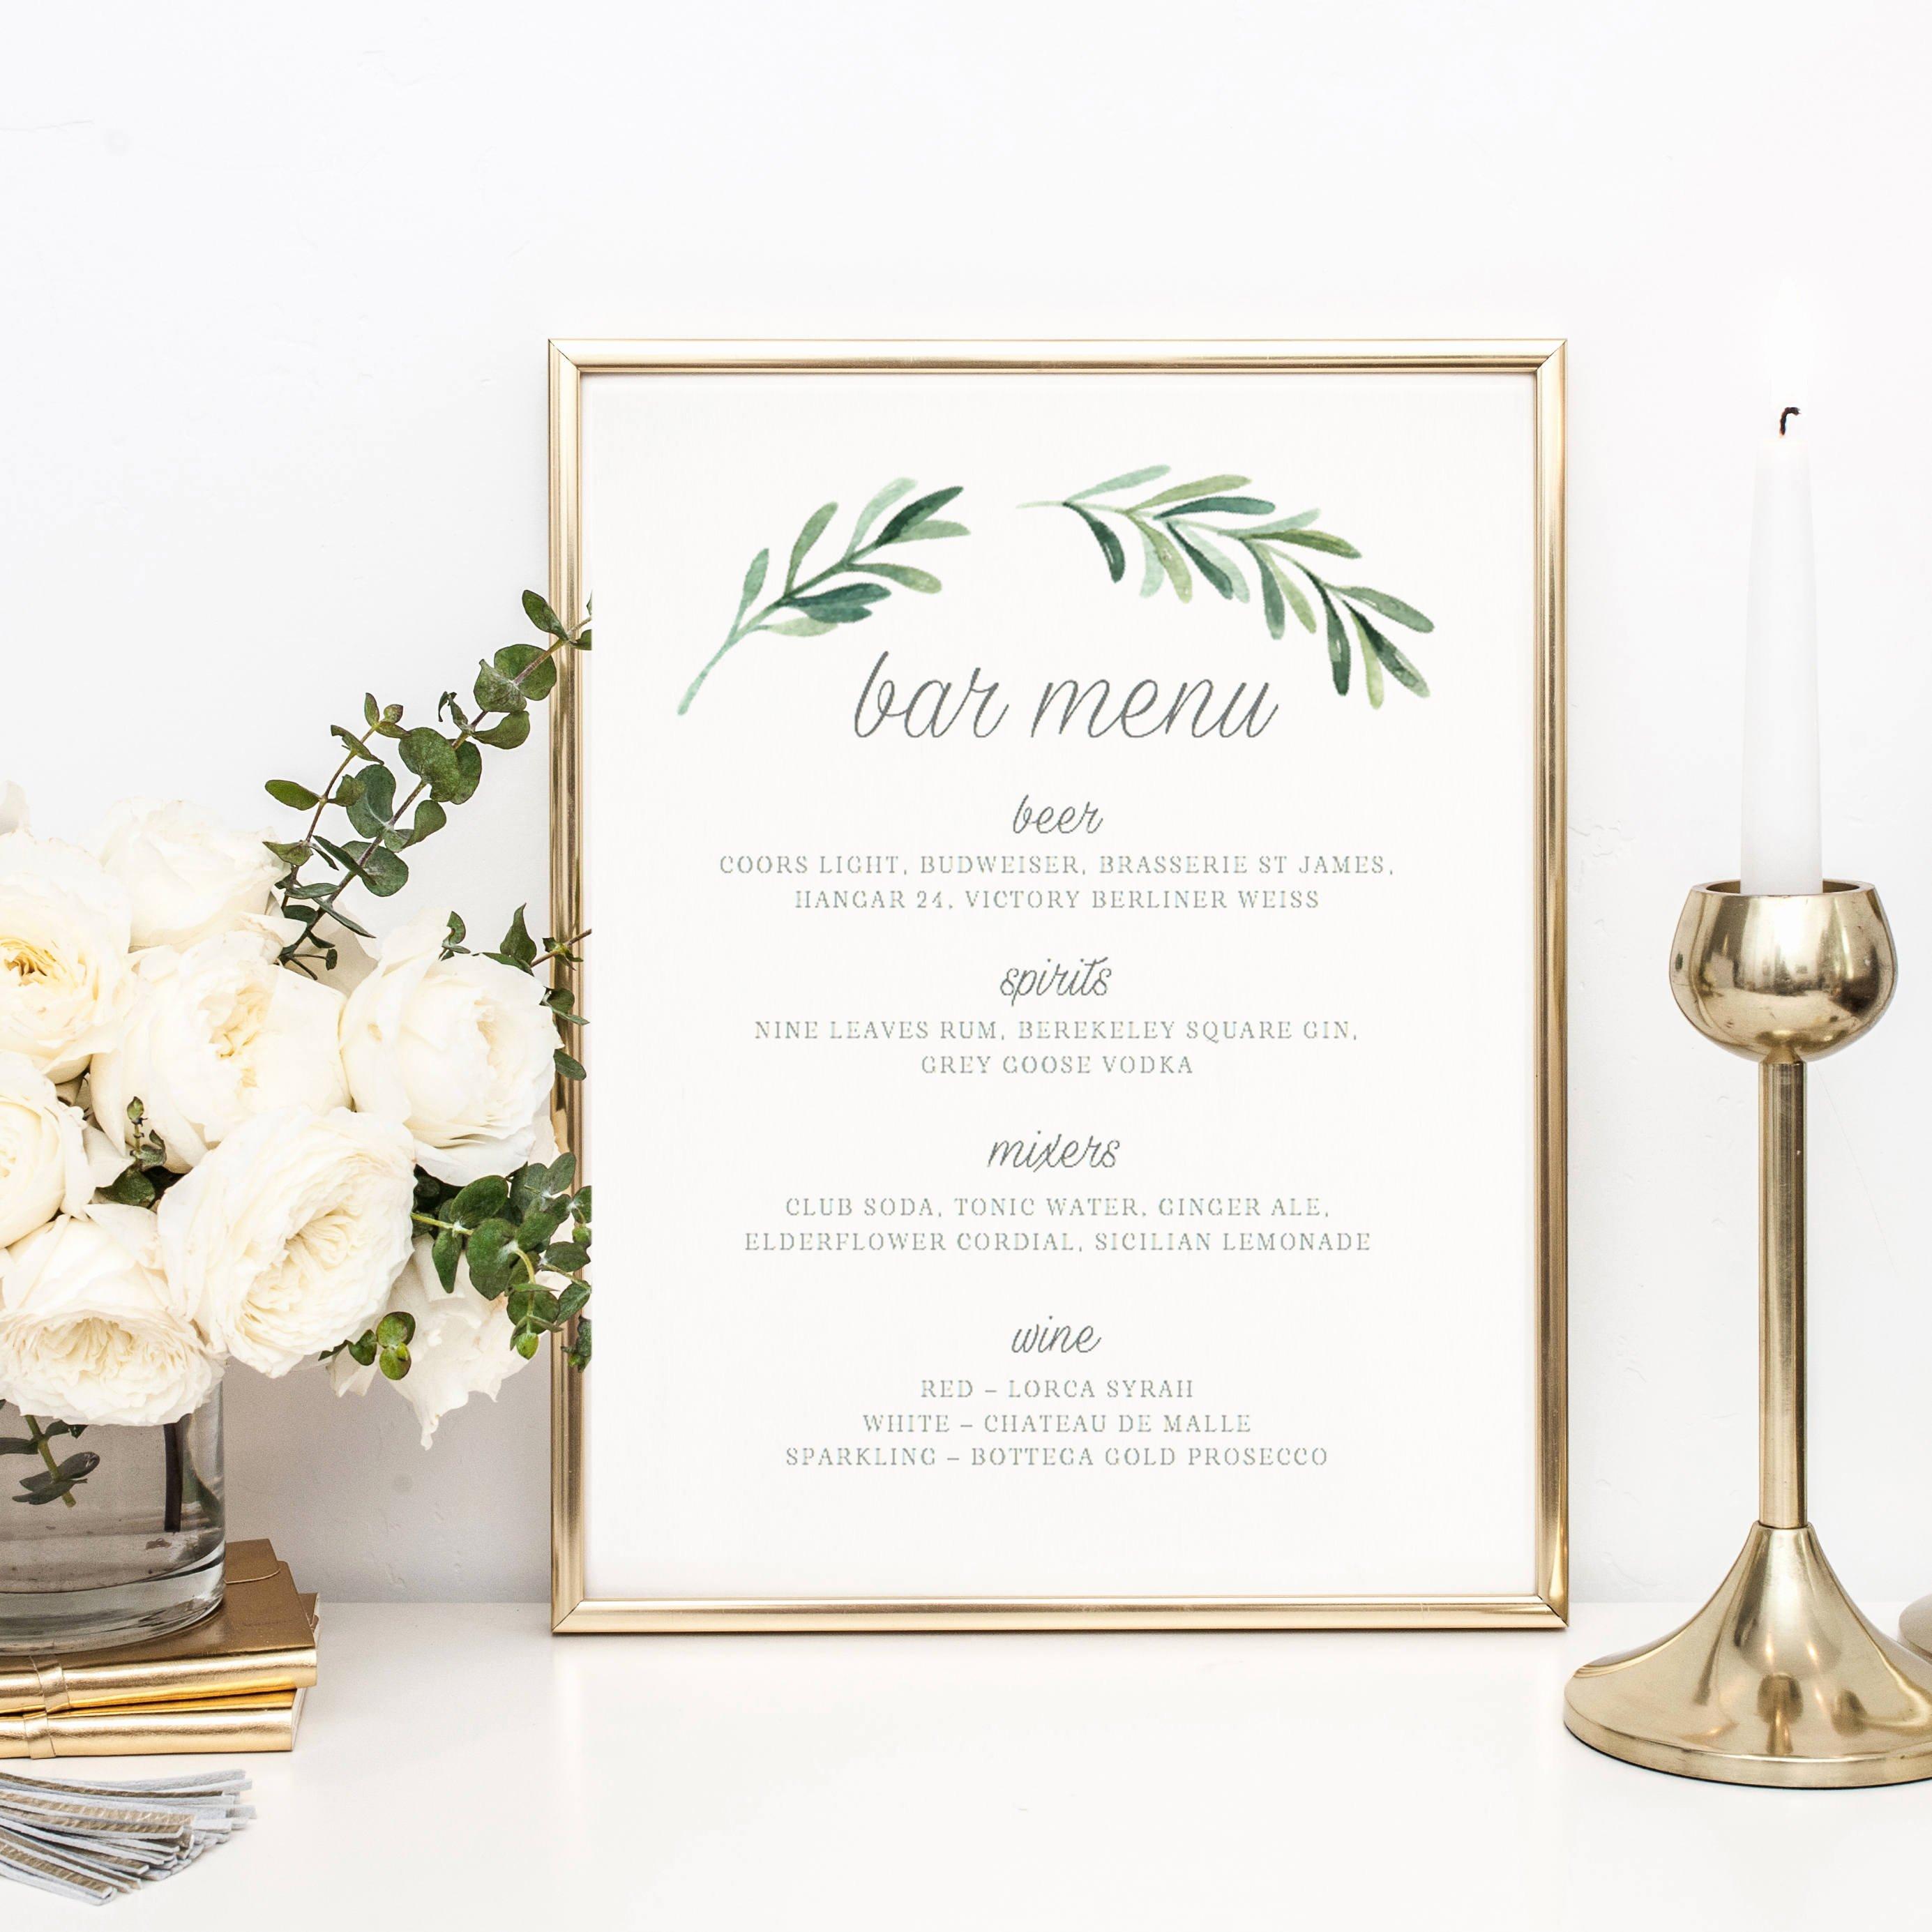 Wedding Bar Menu Template Elegant Wedding Bar Menu Template Drink Sign Printable Bar Menu